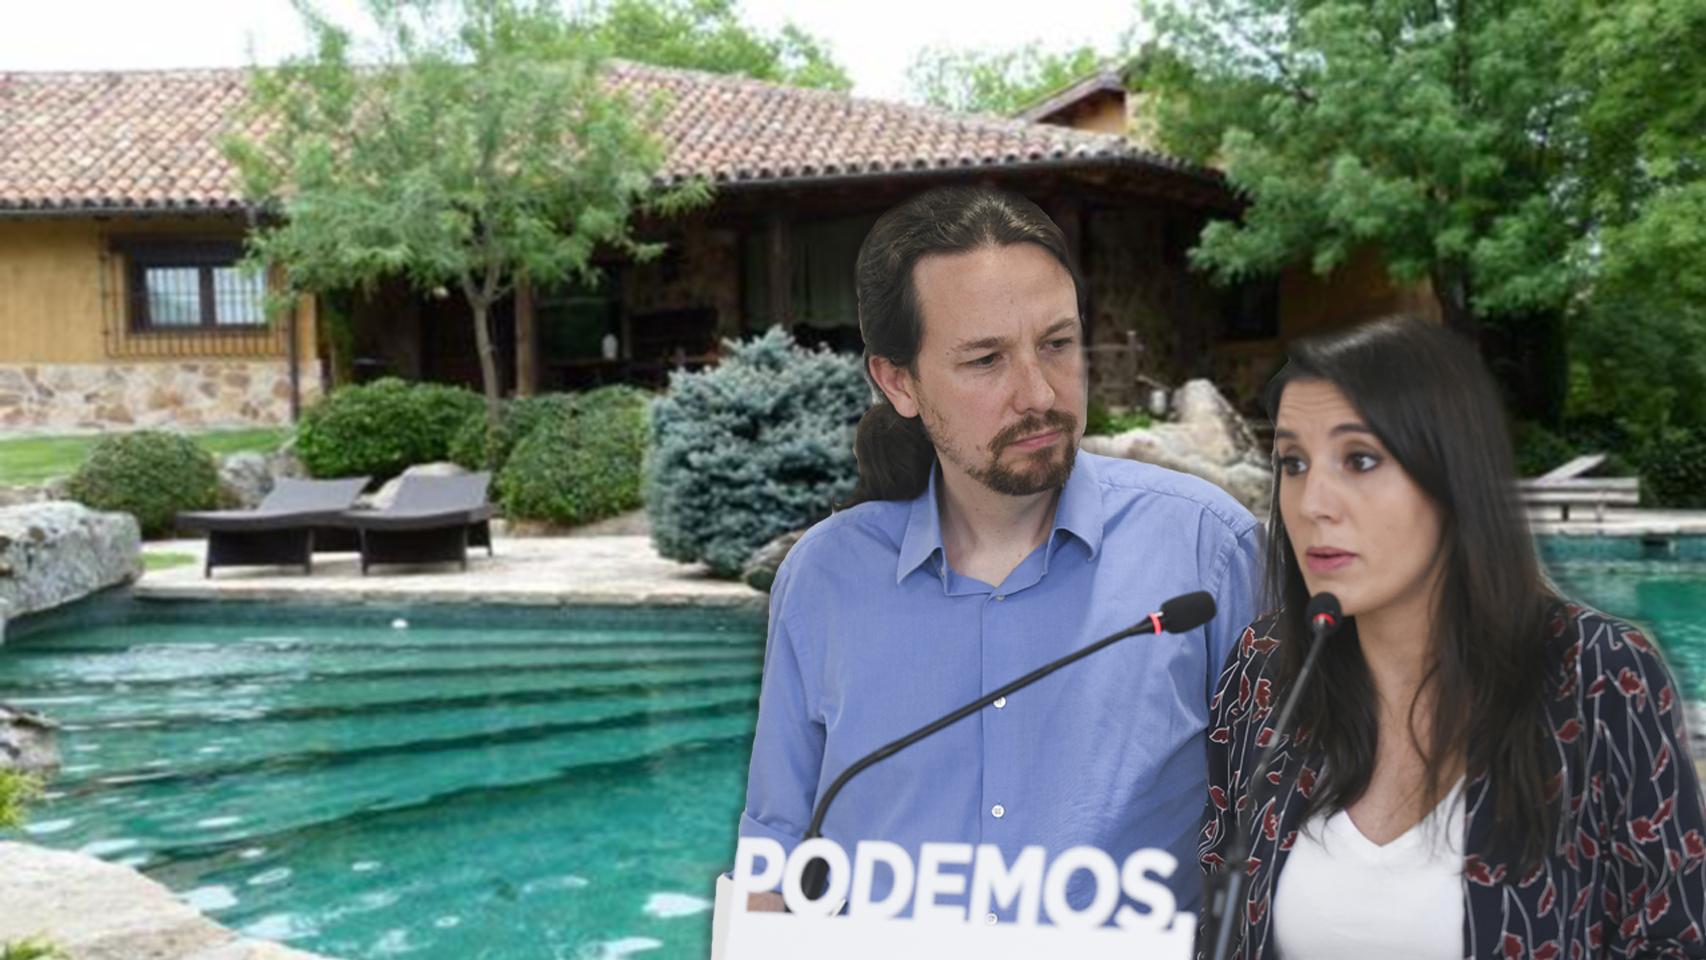 Fotos prohibidas que hunden a Podemos: así es el lujoso interior del chalet de Iglesias y Montero